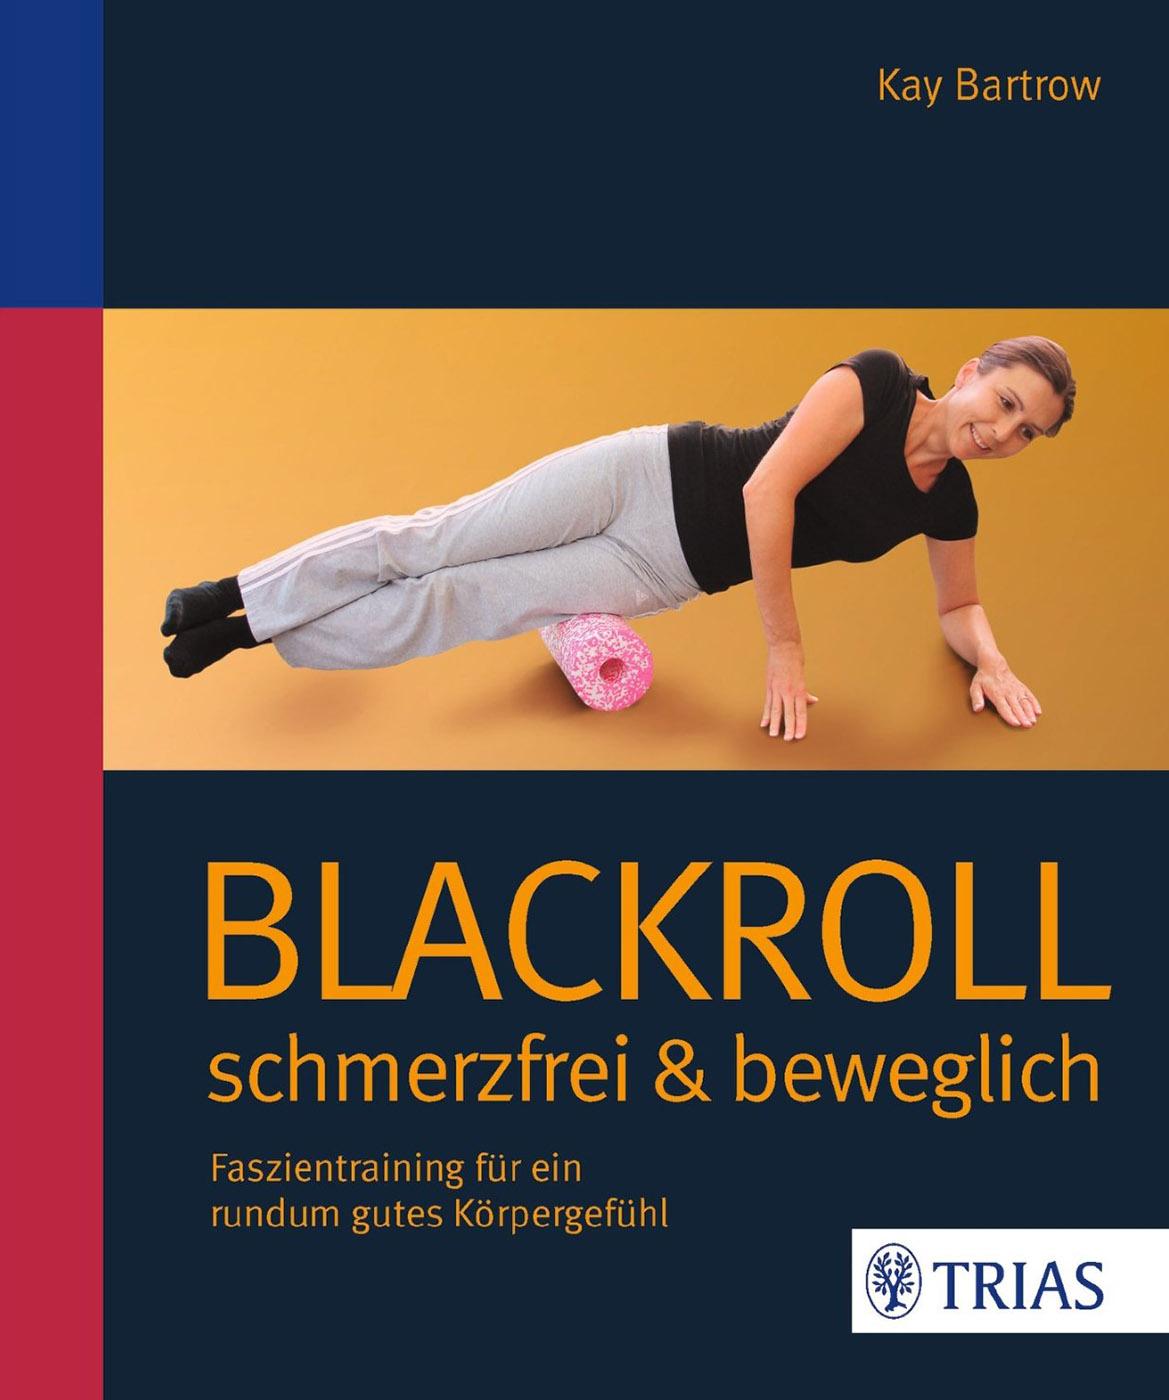 Blackroll von Kay Bartrow